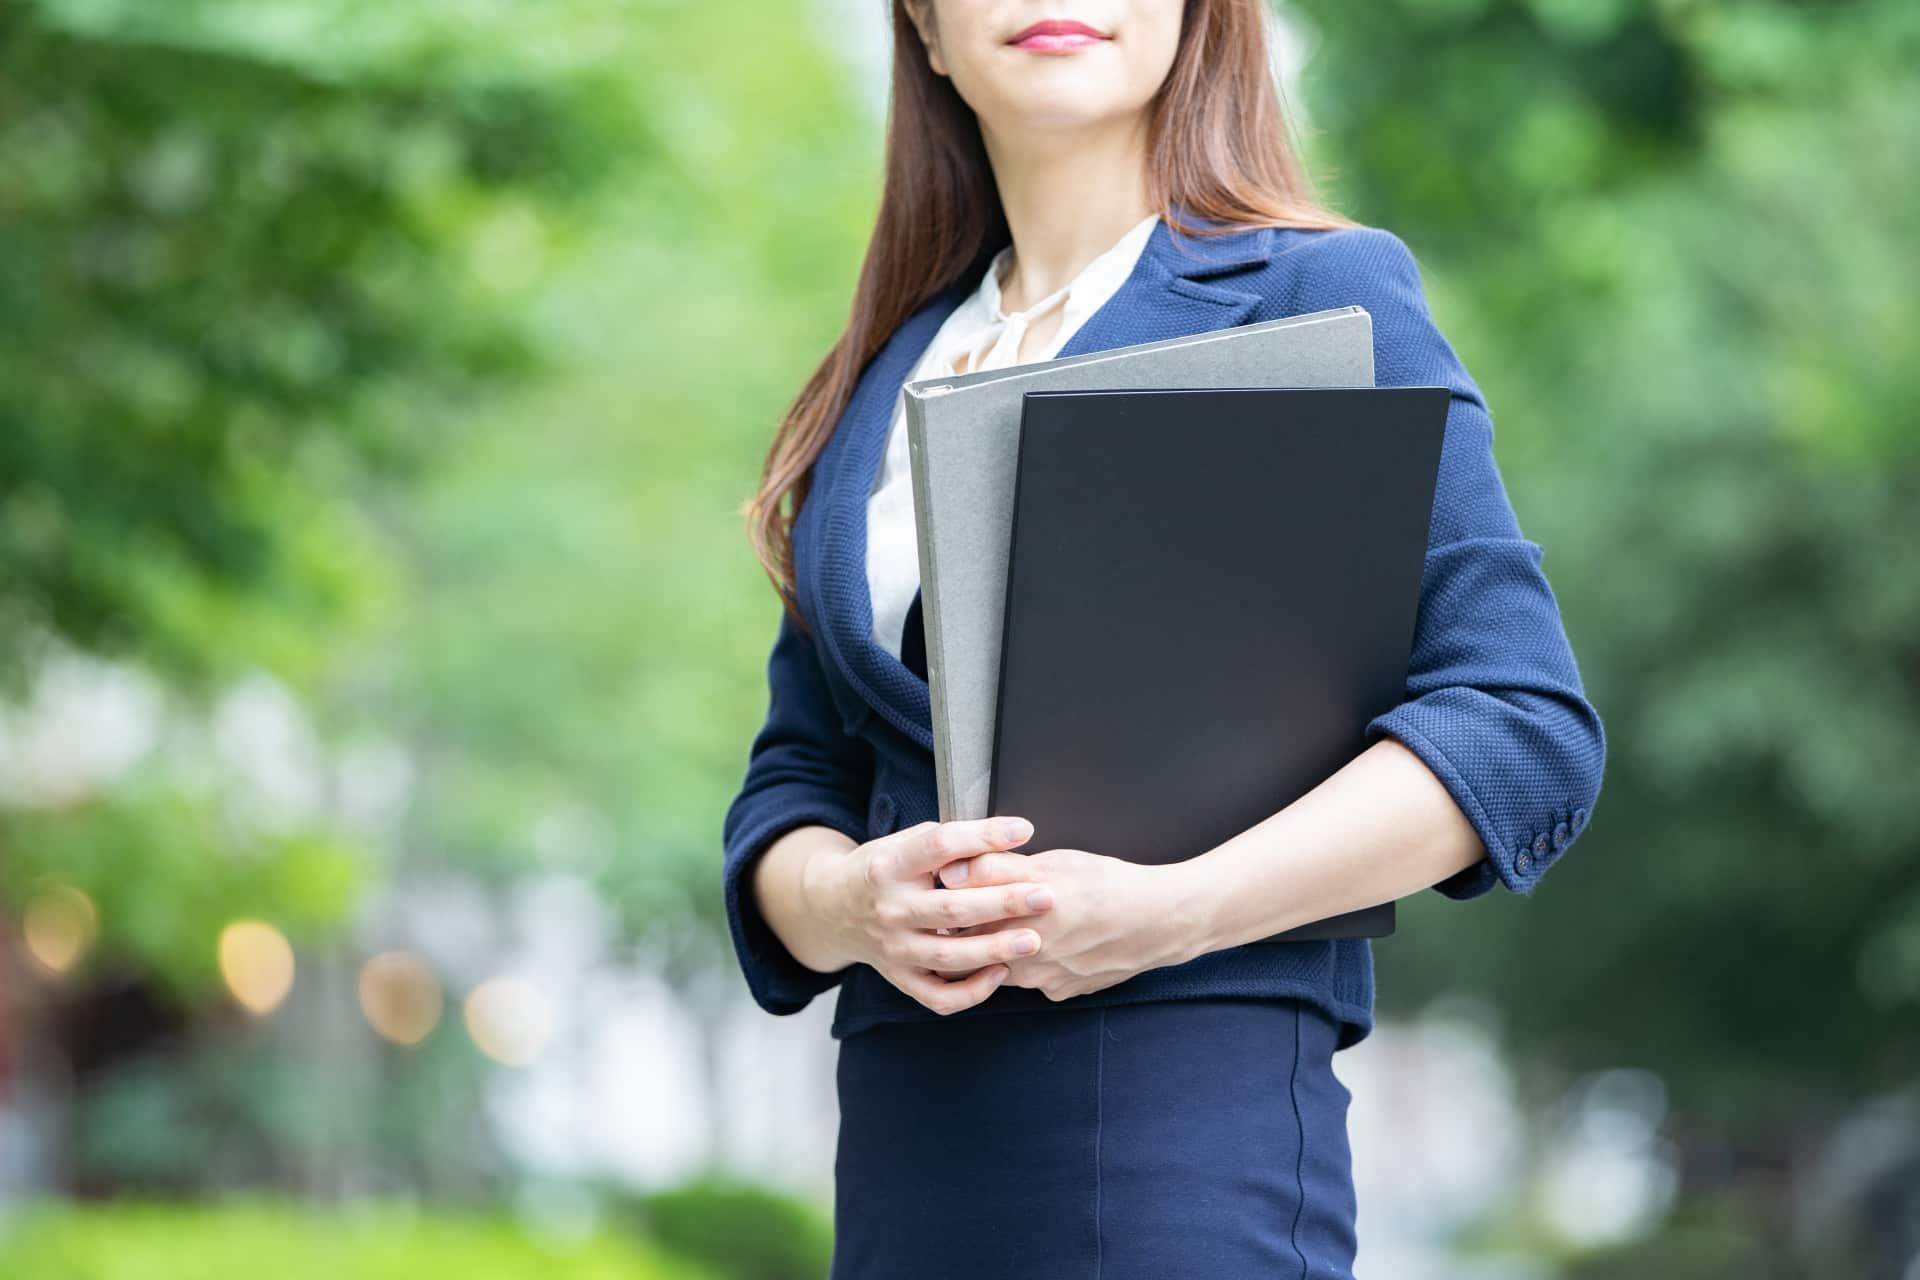 派遣社員が正社員に就職するためには?違いやメリット・デメリットも紹介!